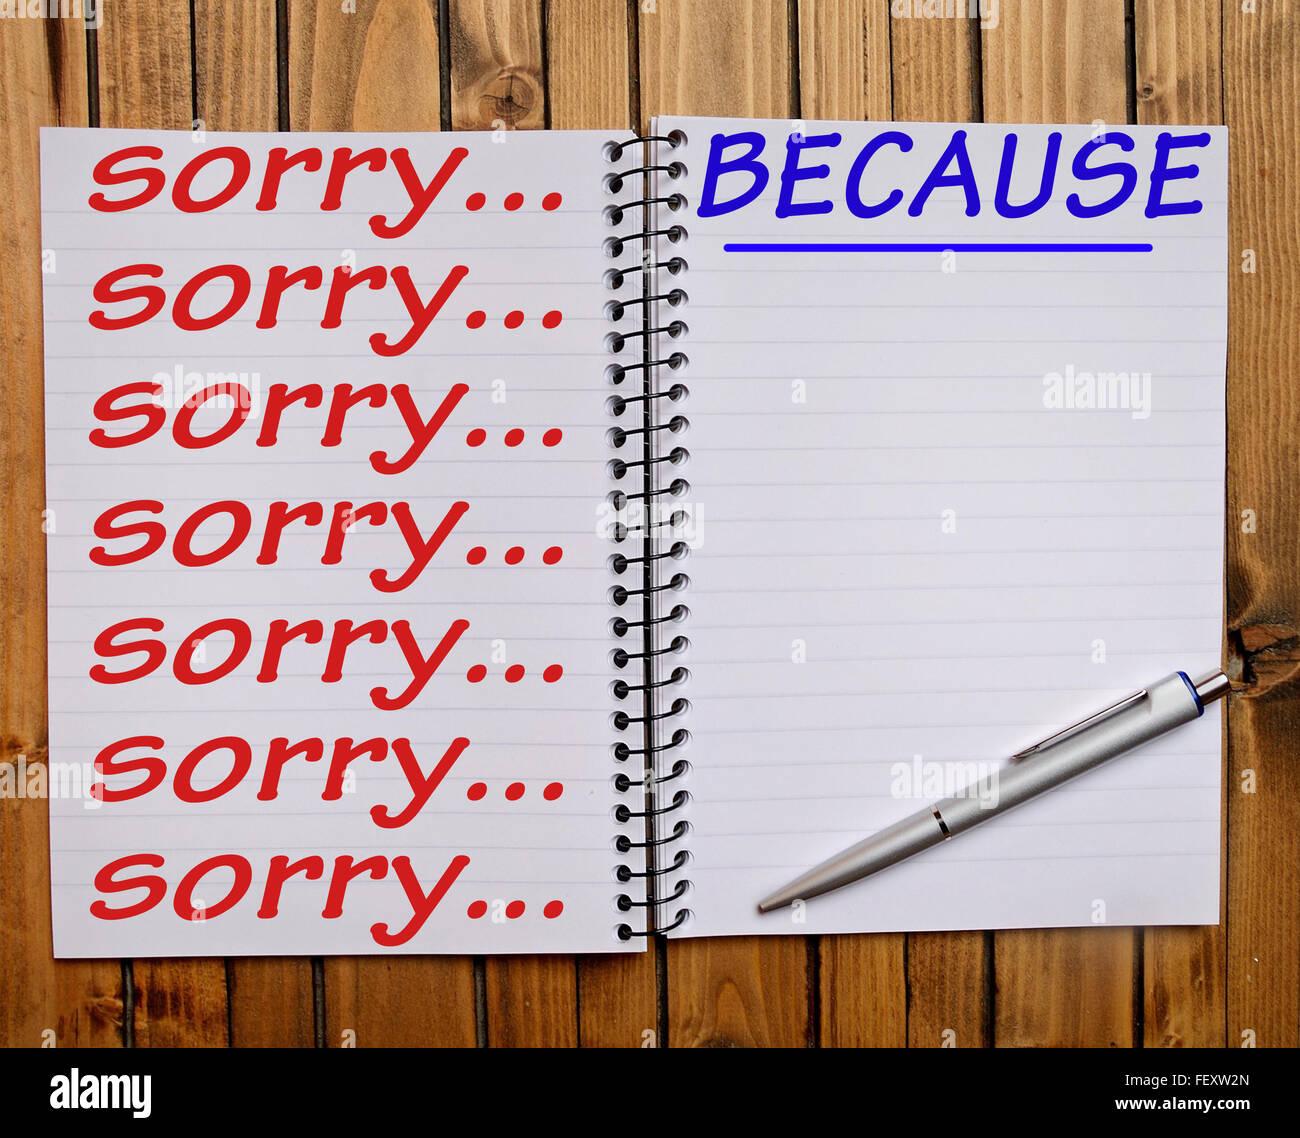 Désolé... Parce que Word sur votre bloc-notes Photo Stock